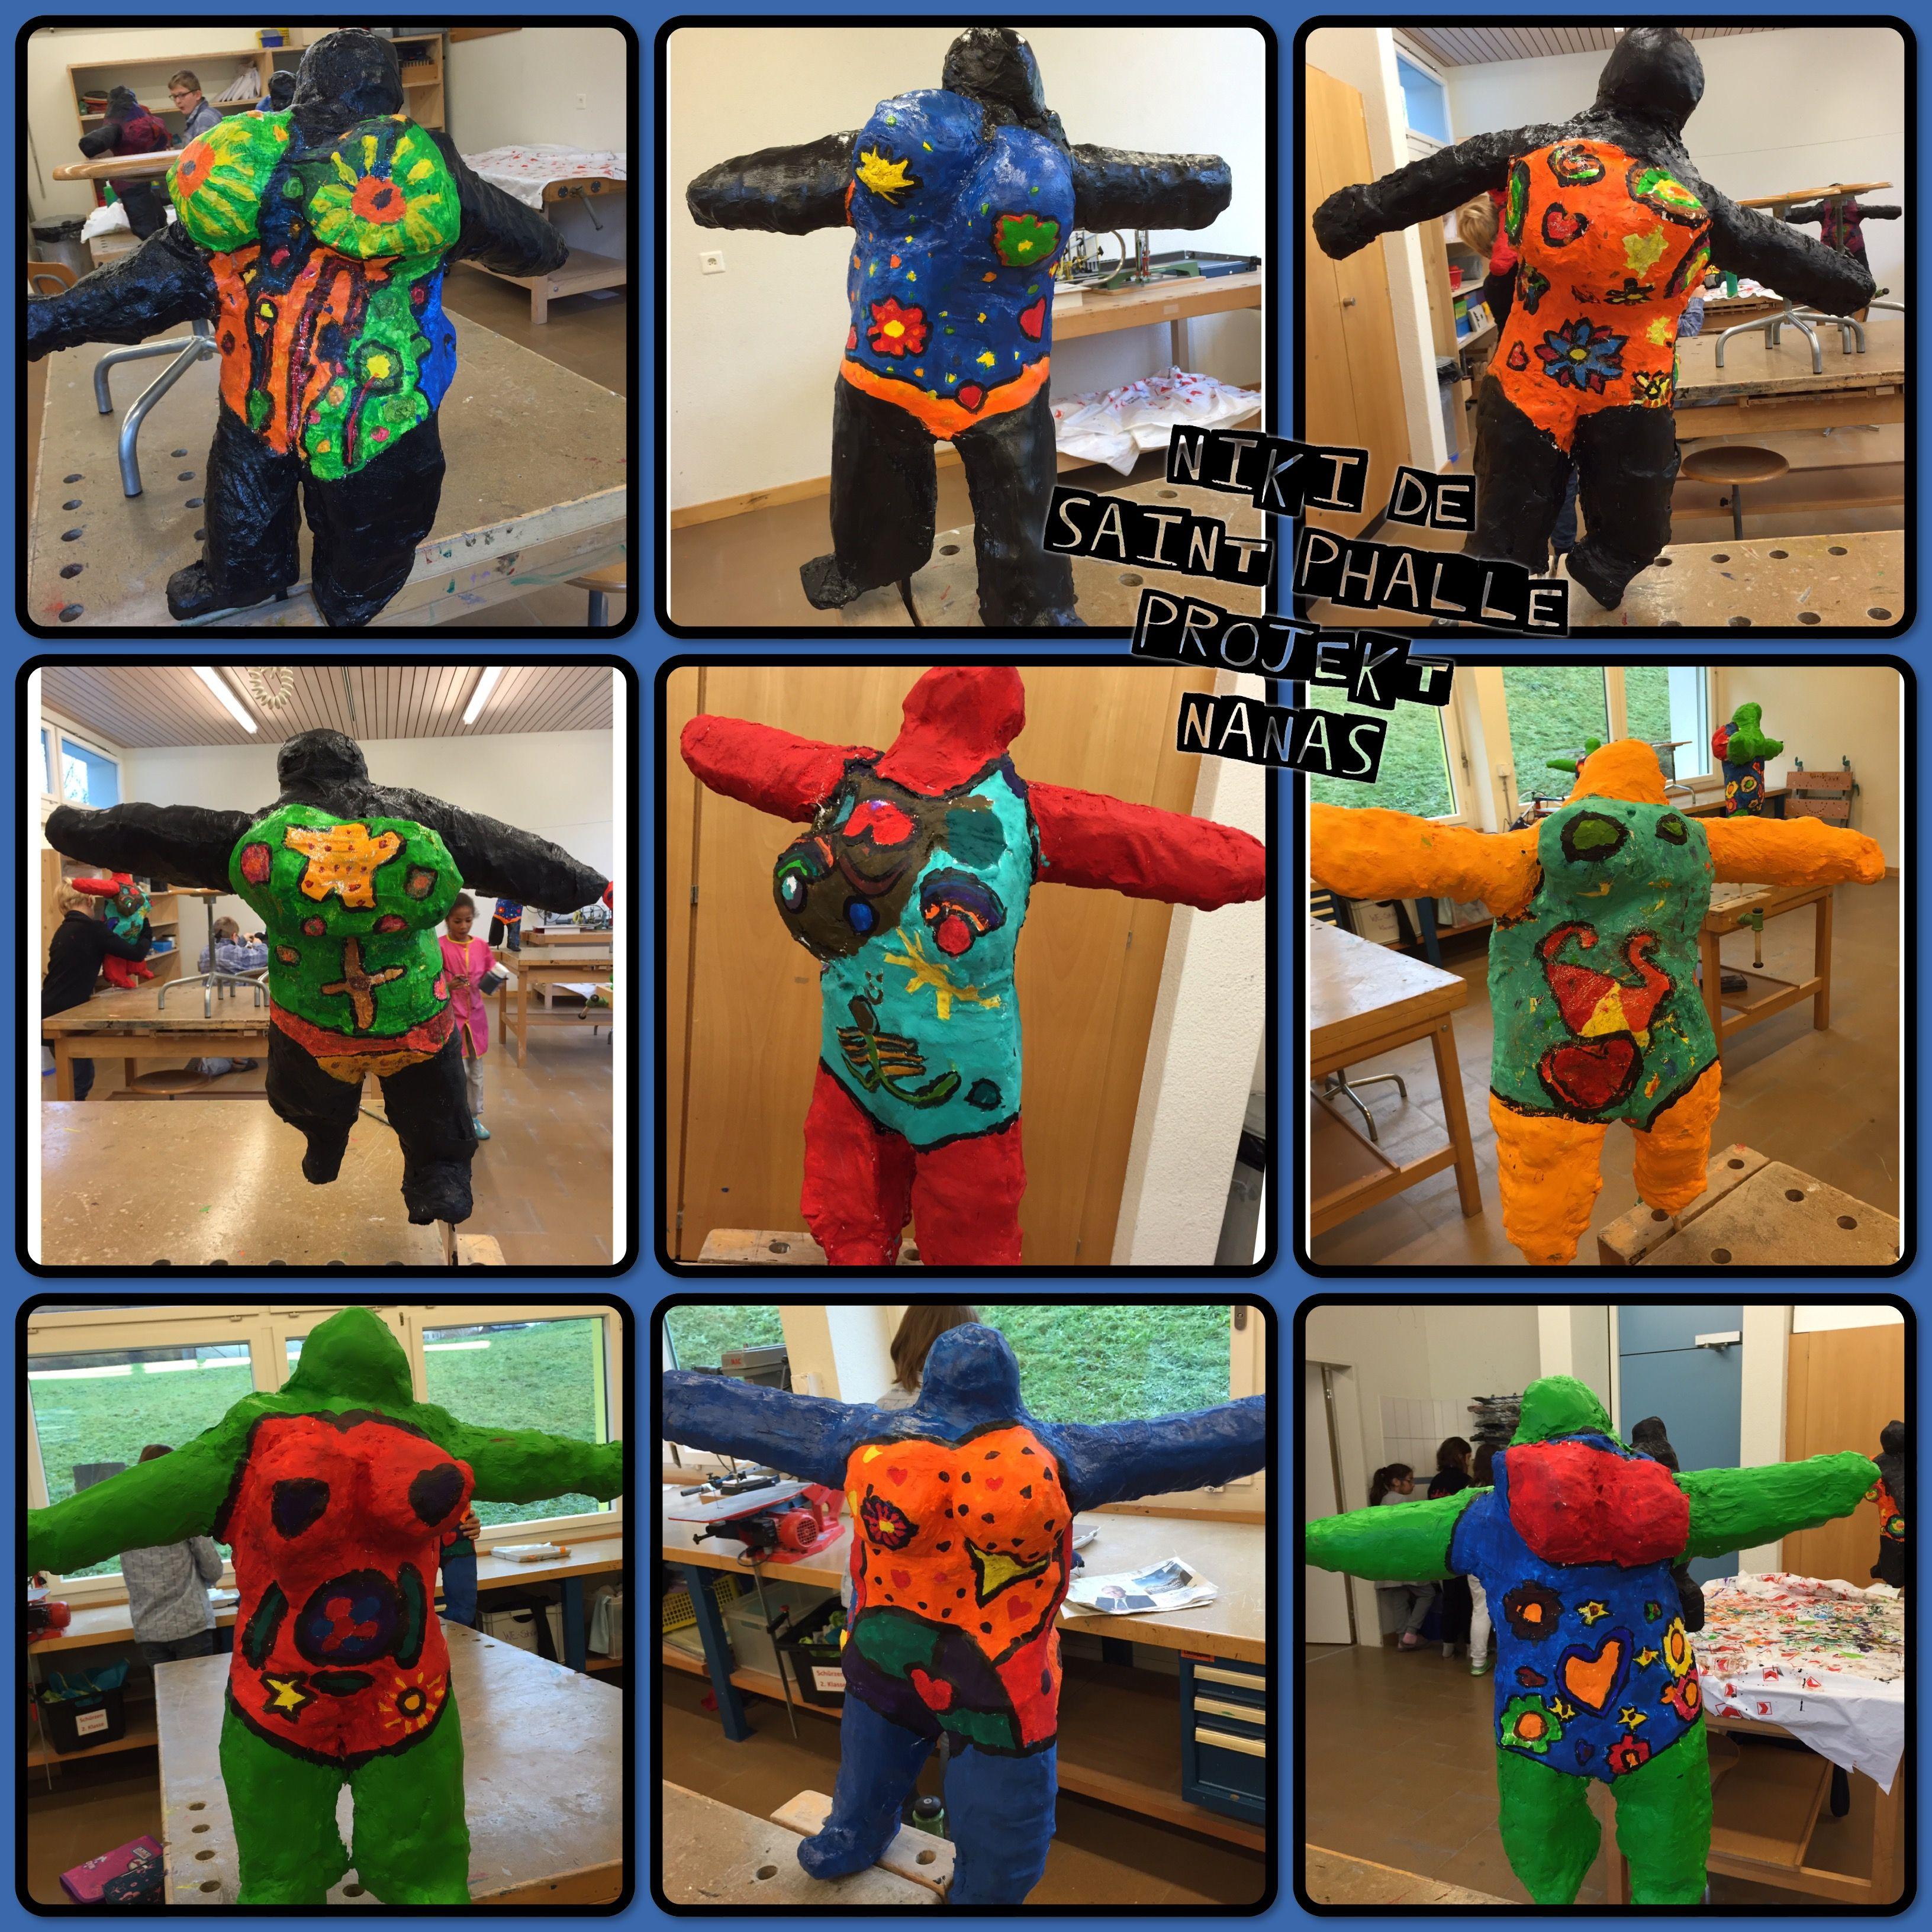 Nanas nach Niki de Saint Phalle hergestellt aus Gips und Drahtgeflecht. Werkarbeit